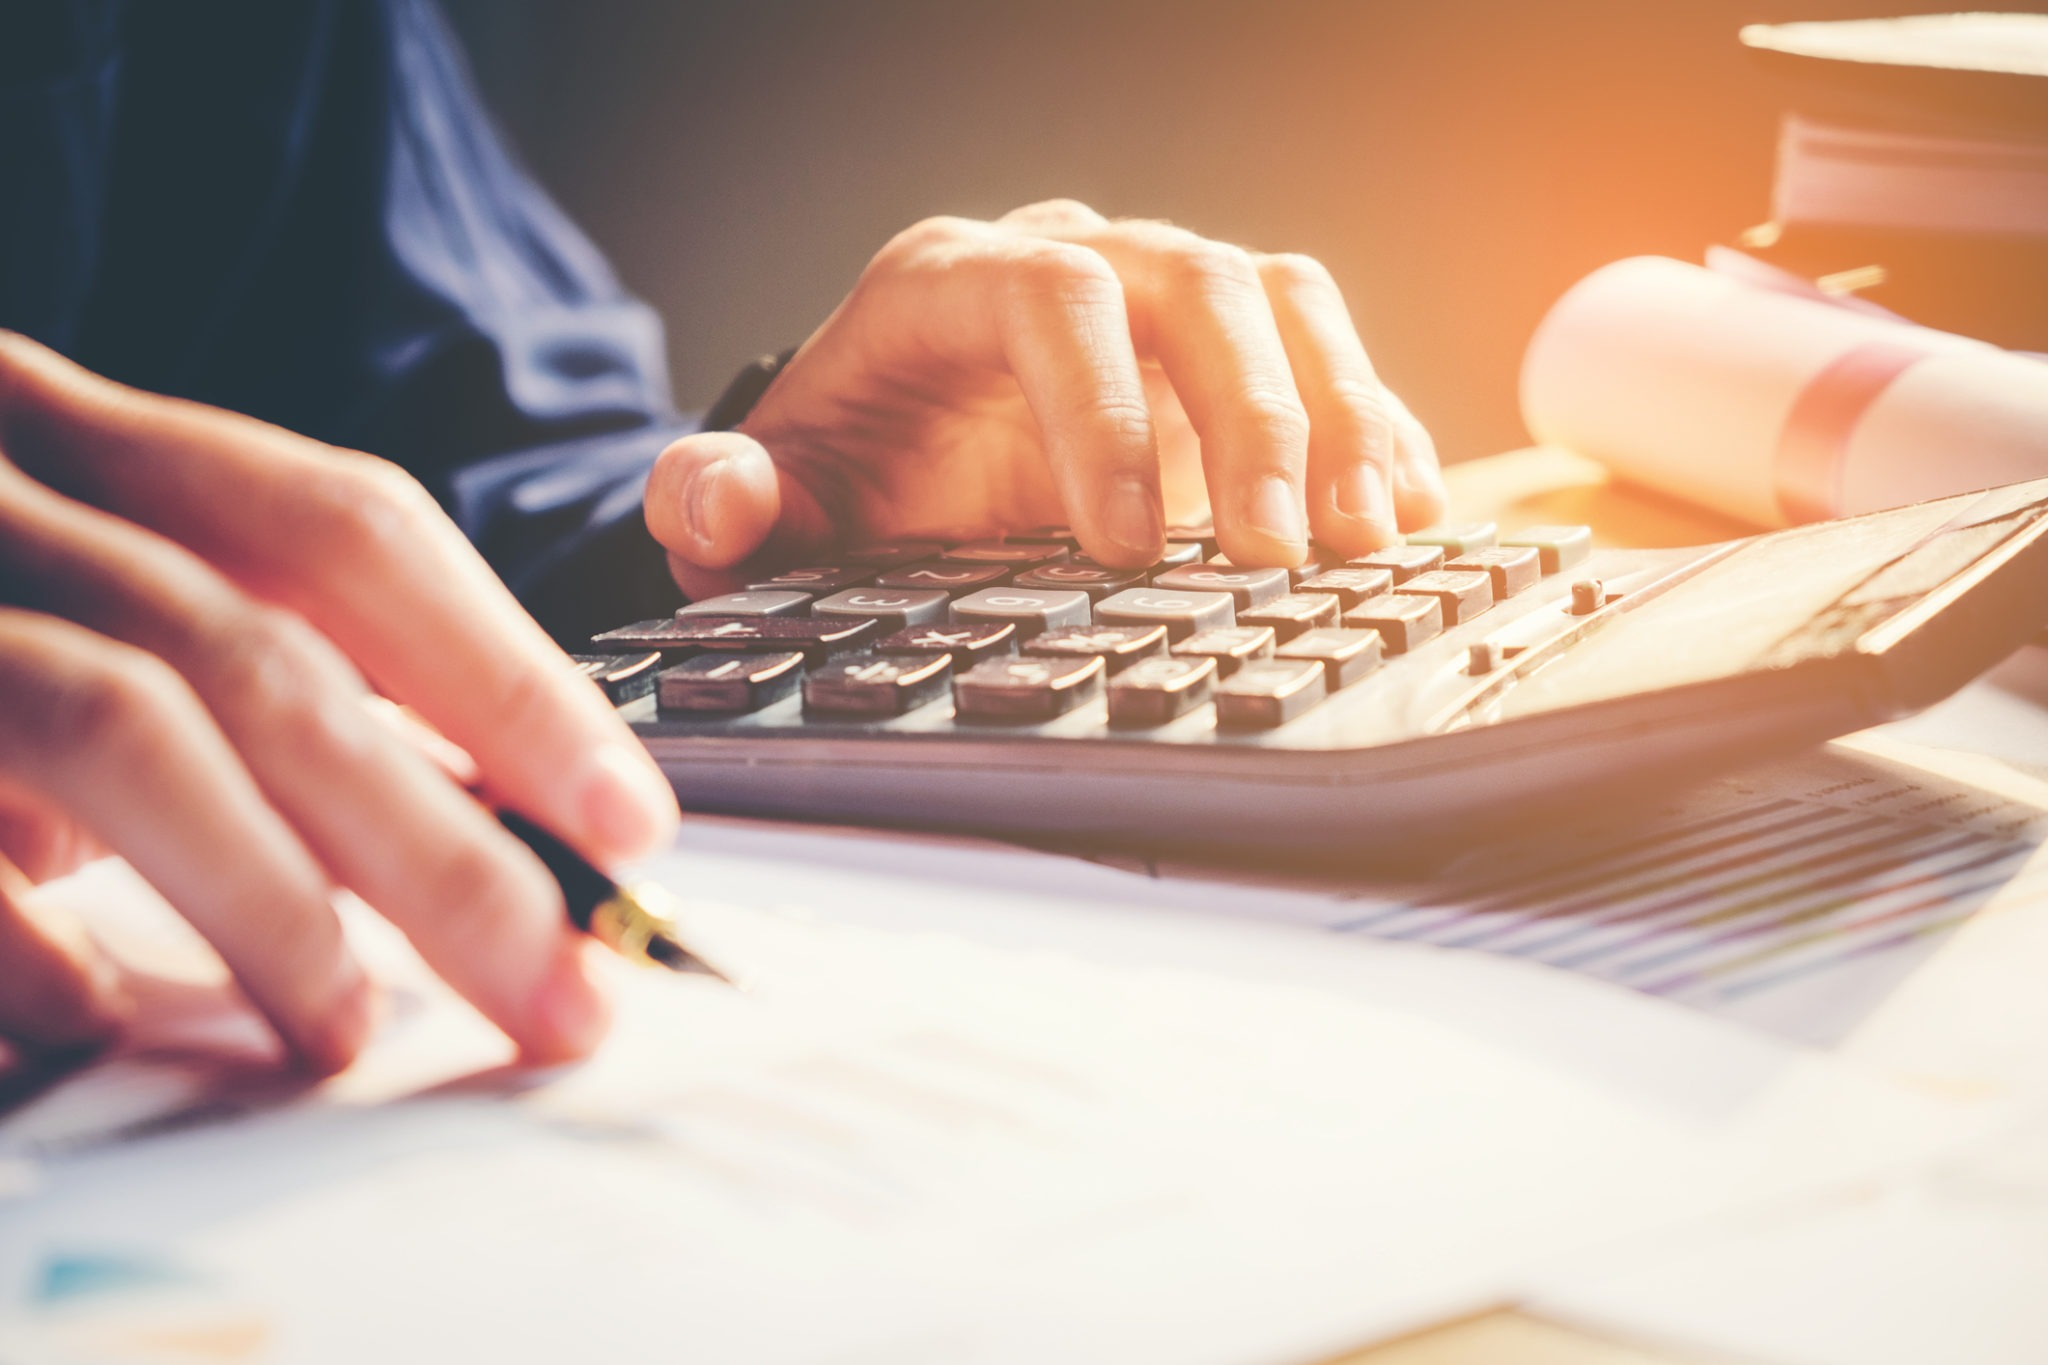 Le gouvernement envisage de modifier la fiscalité des donations entre générations, en augmentant, par exemple, le montant transmissible sans droits à payer.